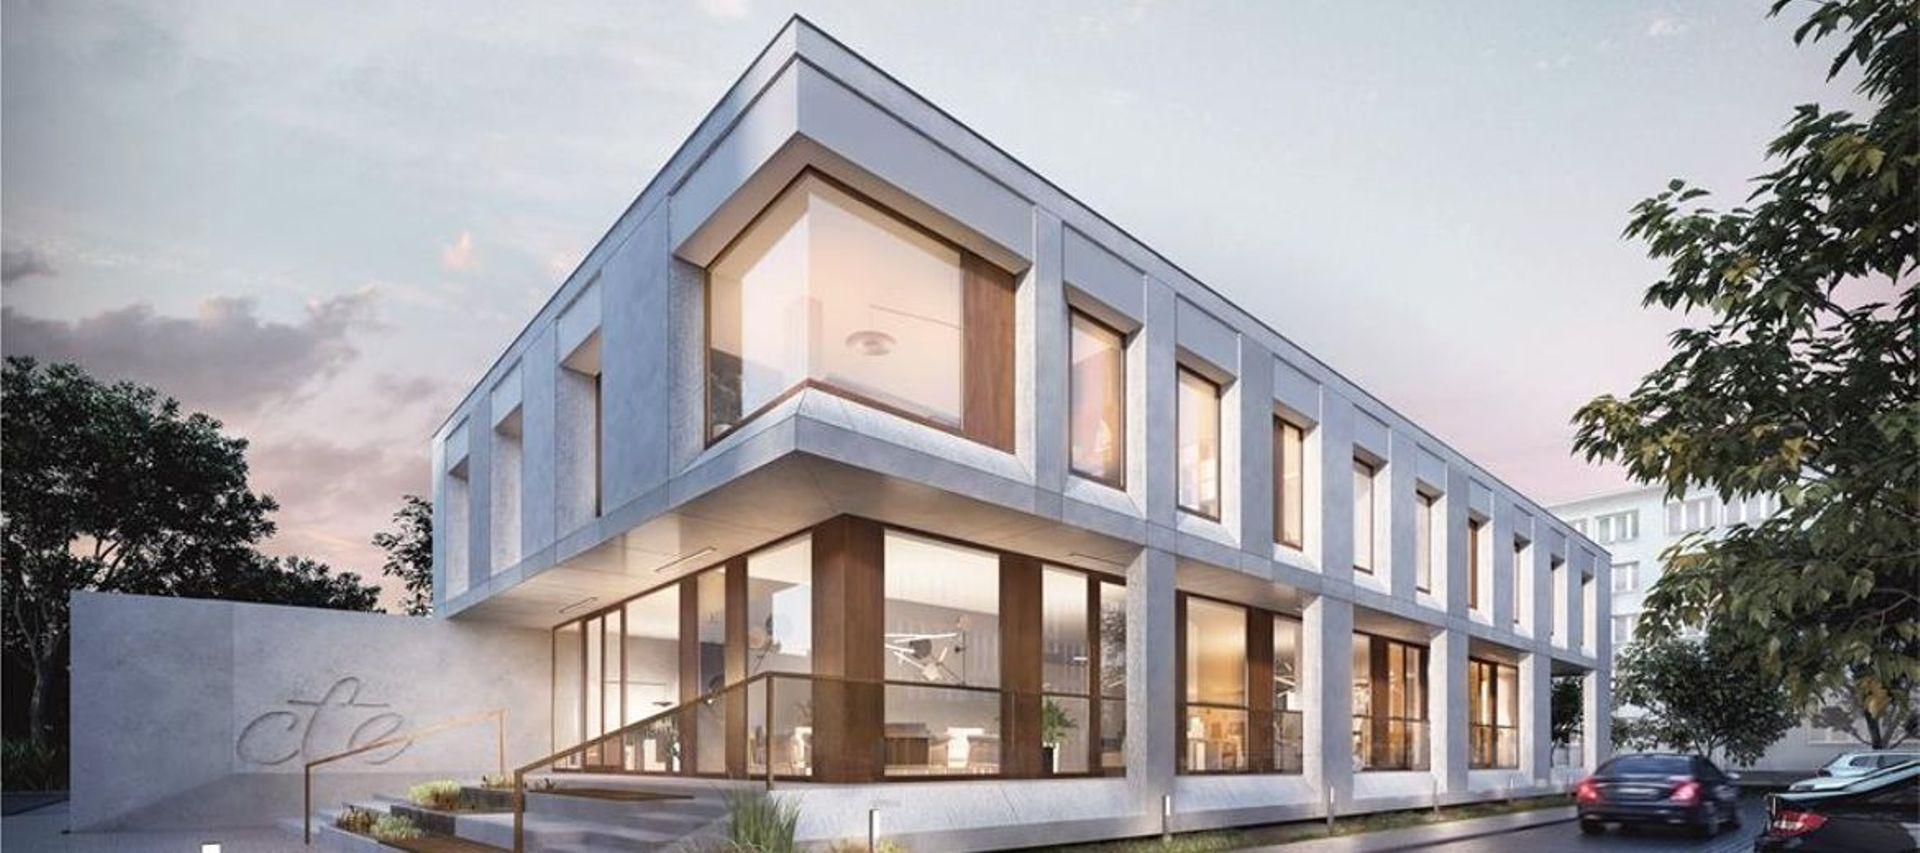 Wrocław: Centrum Biznesu Wielka – CTE wybuduje biurowiec obok Sky Tower [WIZUALIZACJA]